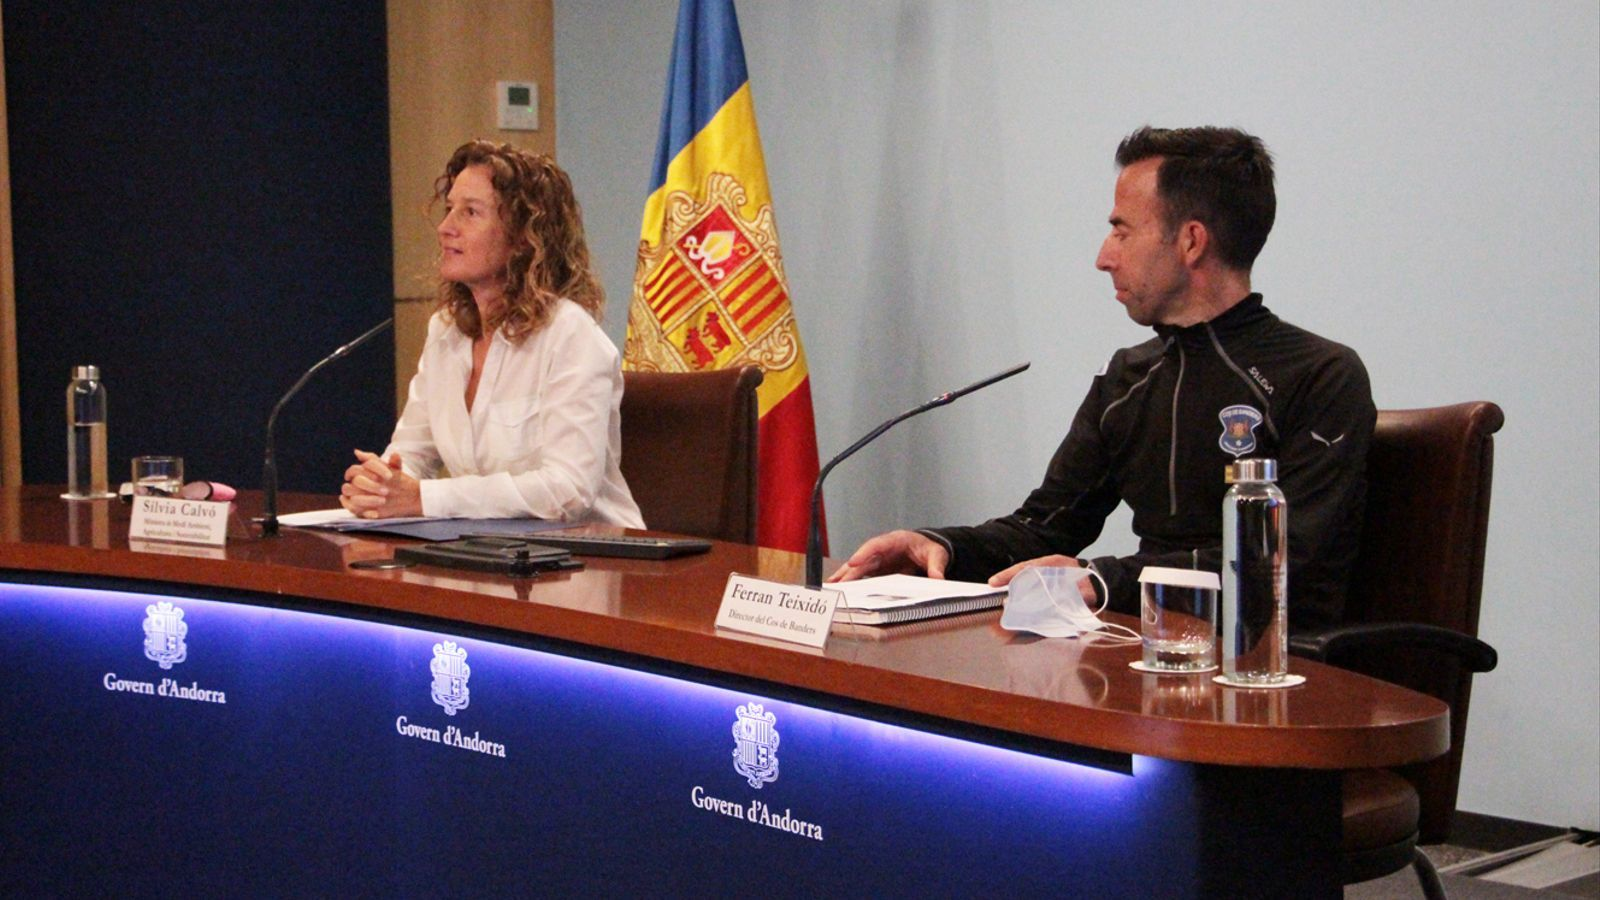 La ministra de Medi Ambient, Agricultura i Sostenibilitat, Sílvia Calvó, i el director del Cos de Banders, Ferran Teixidó, durant la roda de premsa d'aquest dijous. / M. P. (ANA)